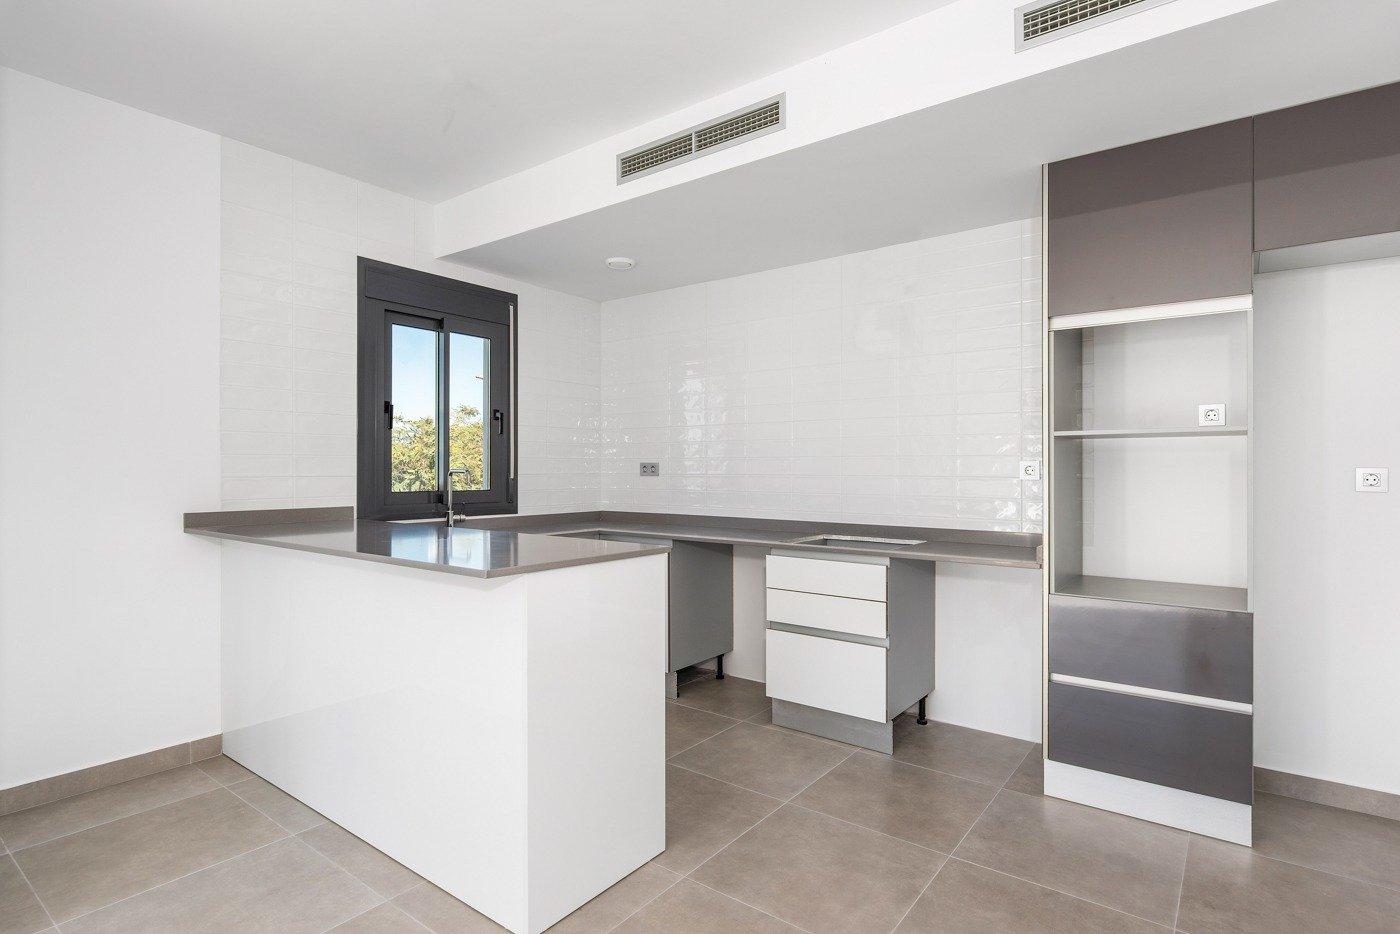 Apartamento en primera planta en pilar de horadada - imagenInmueble6